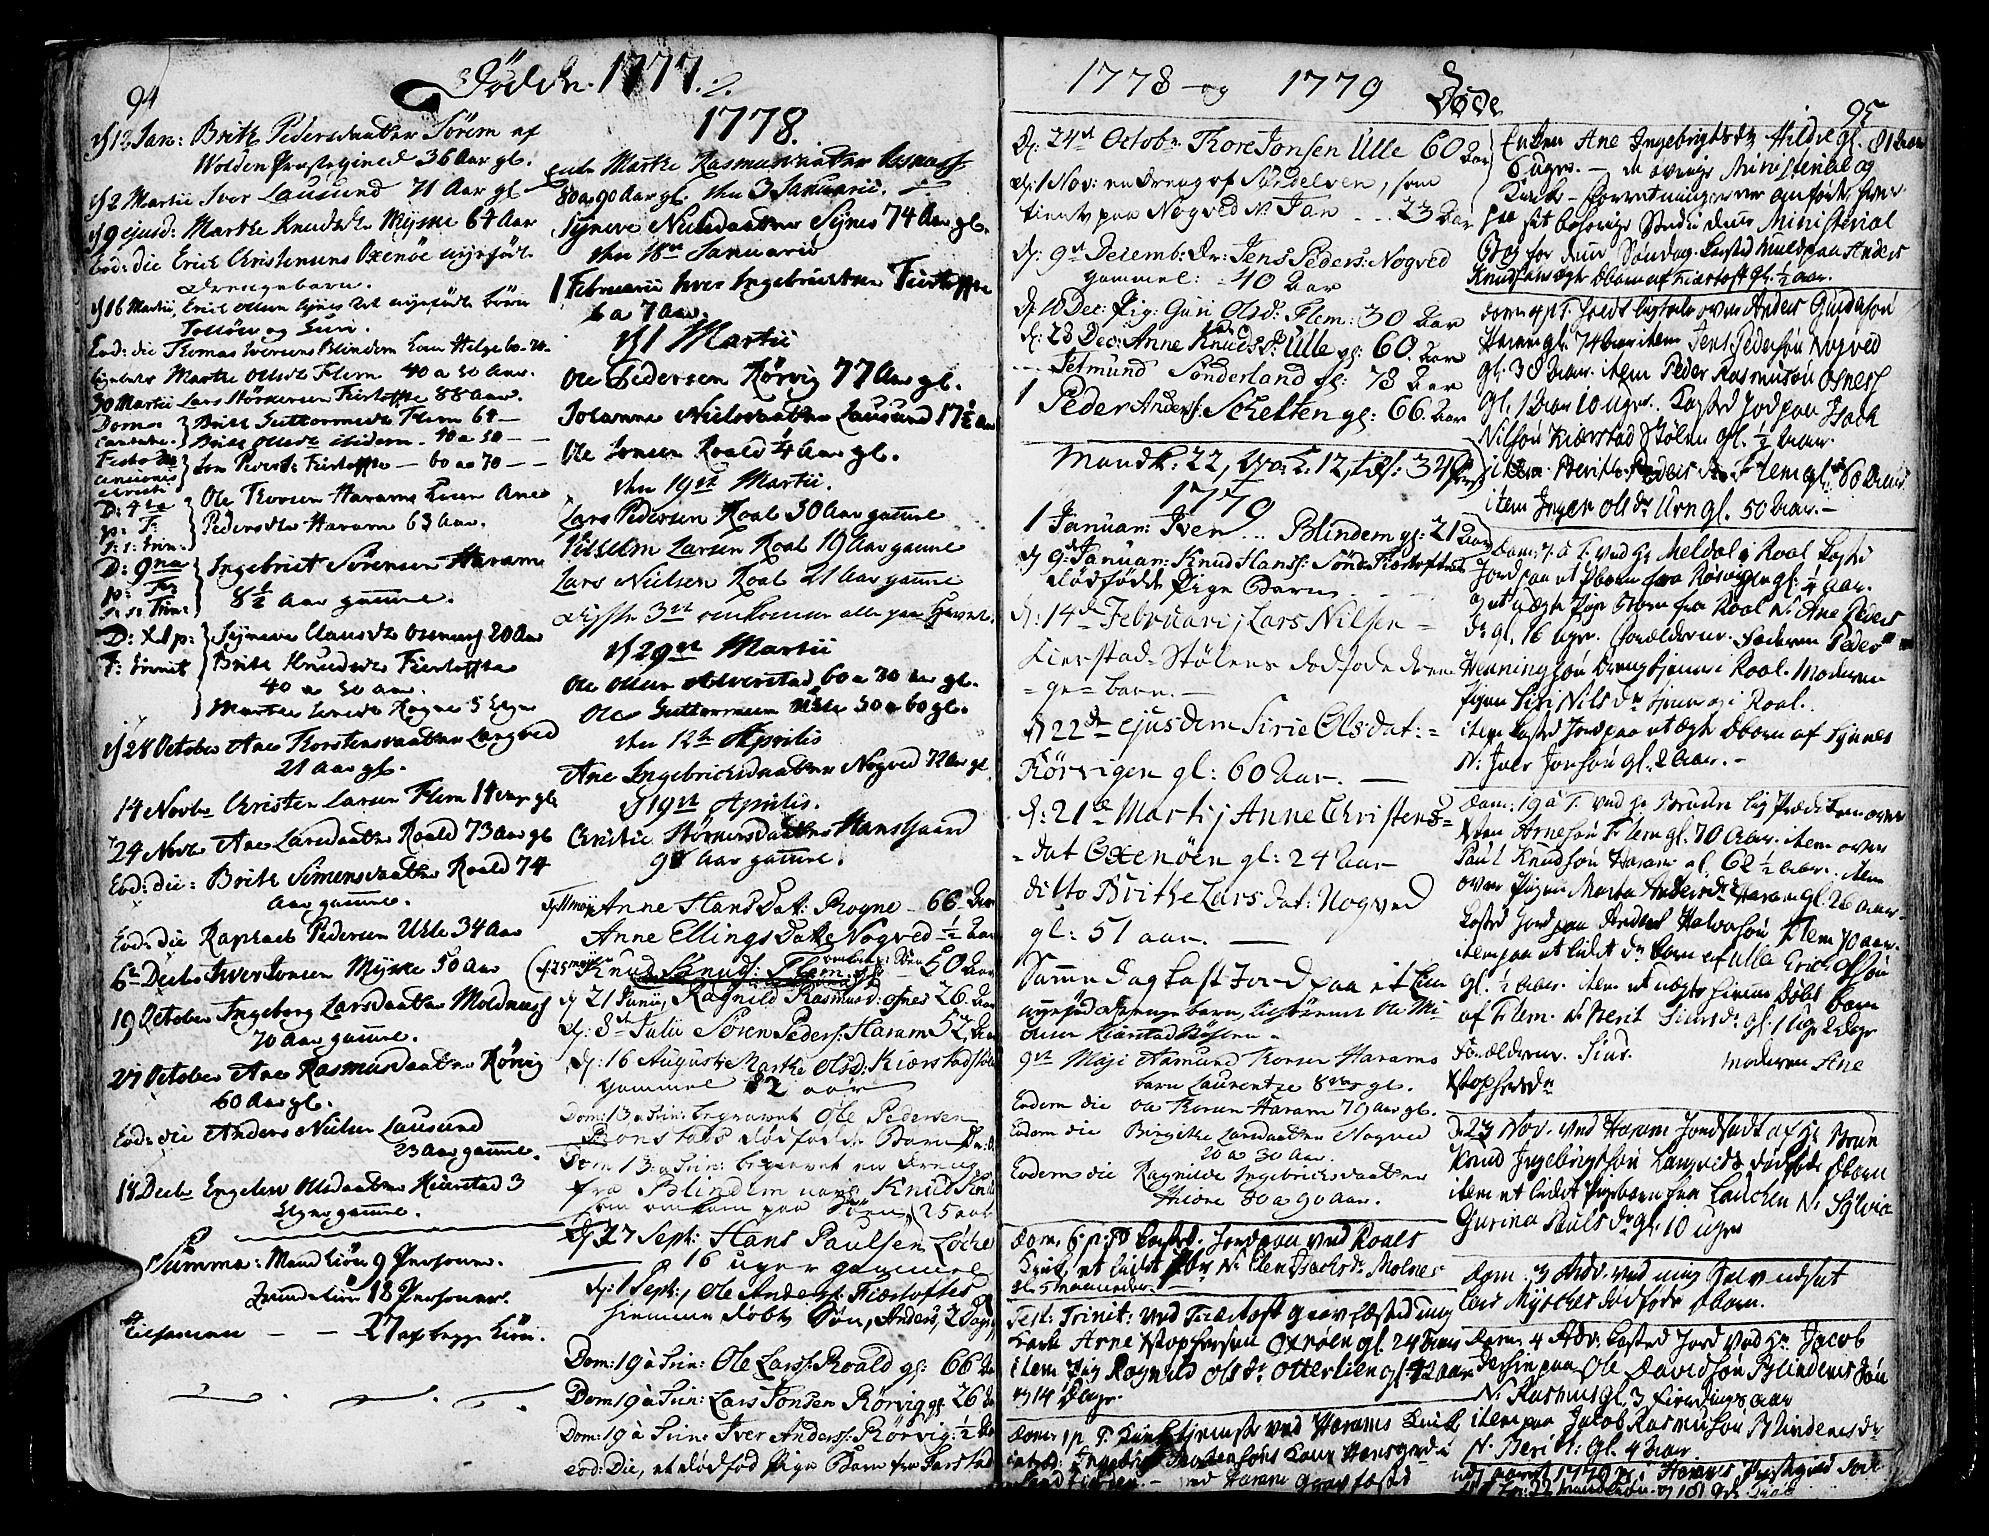 SAT, Ministerialprotokoller, klokkerbøker og fødselsregistre - Møre og Romsdal, 536/L0493: Ministerialbok nr. 536A02, 1739-1802, s. 94-95